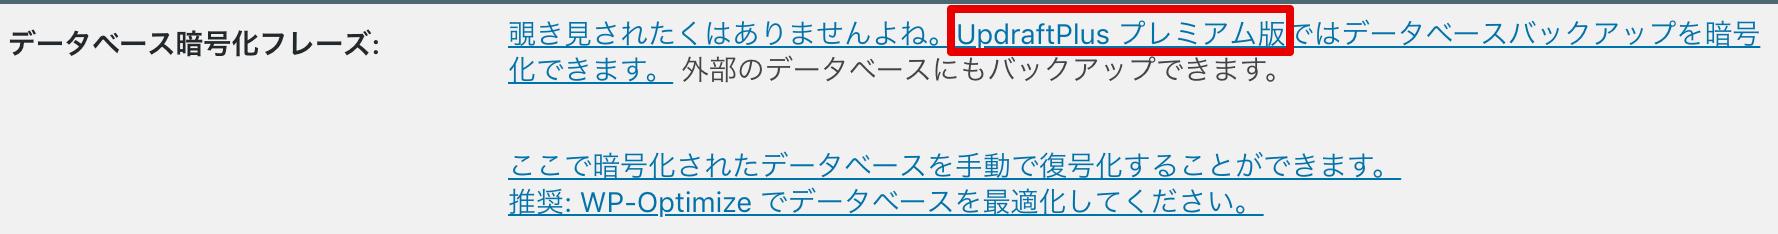 UpdraftPlus-Backup/Restoreデータベース暗号化フレーズ